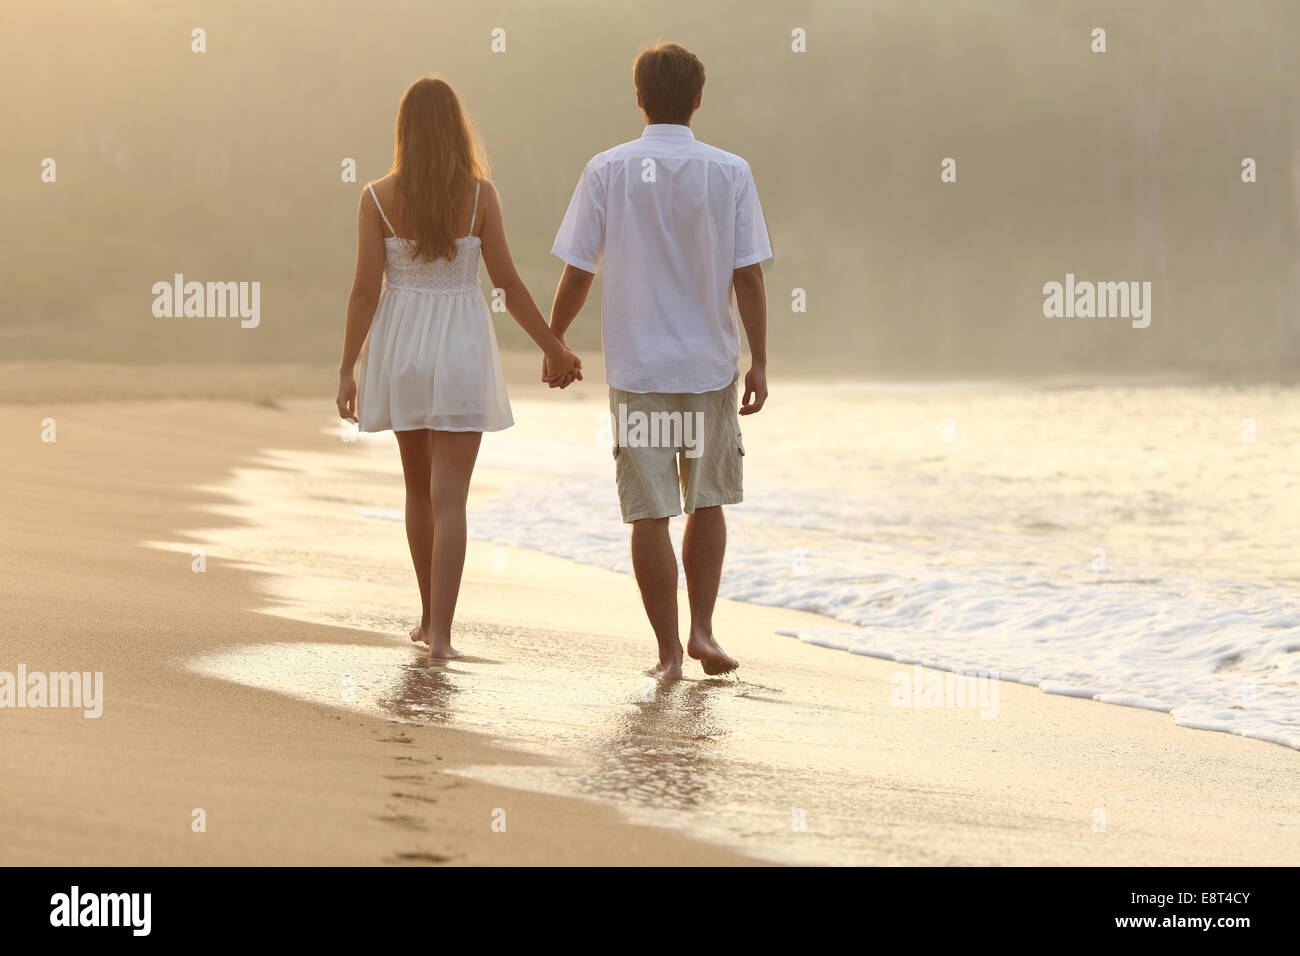 Rückansicht eines Paares zu Fuß und Hand in Hand auf dem Sand des Strandes bei Sonnenuntergang Stockbild